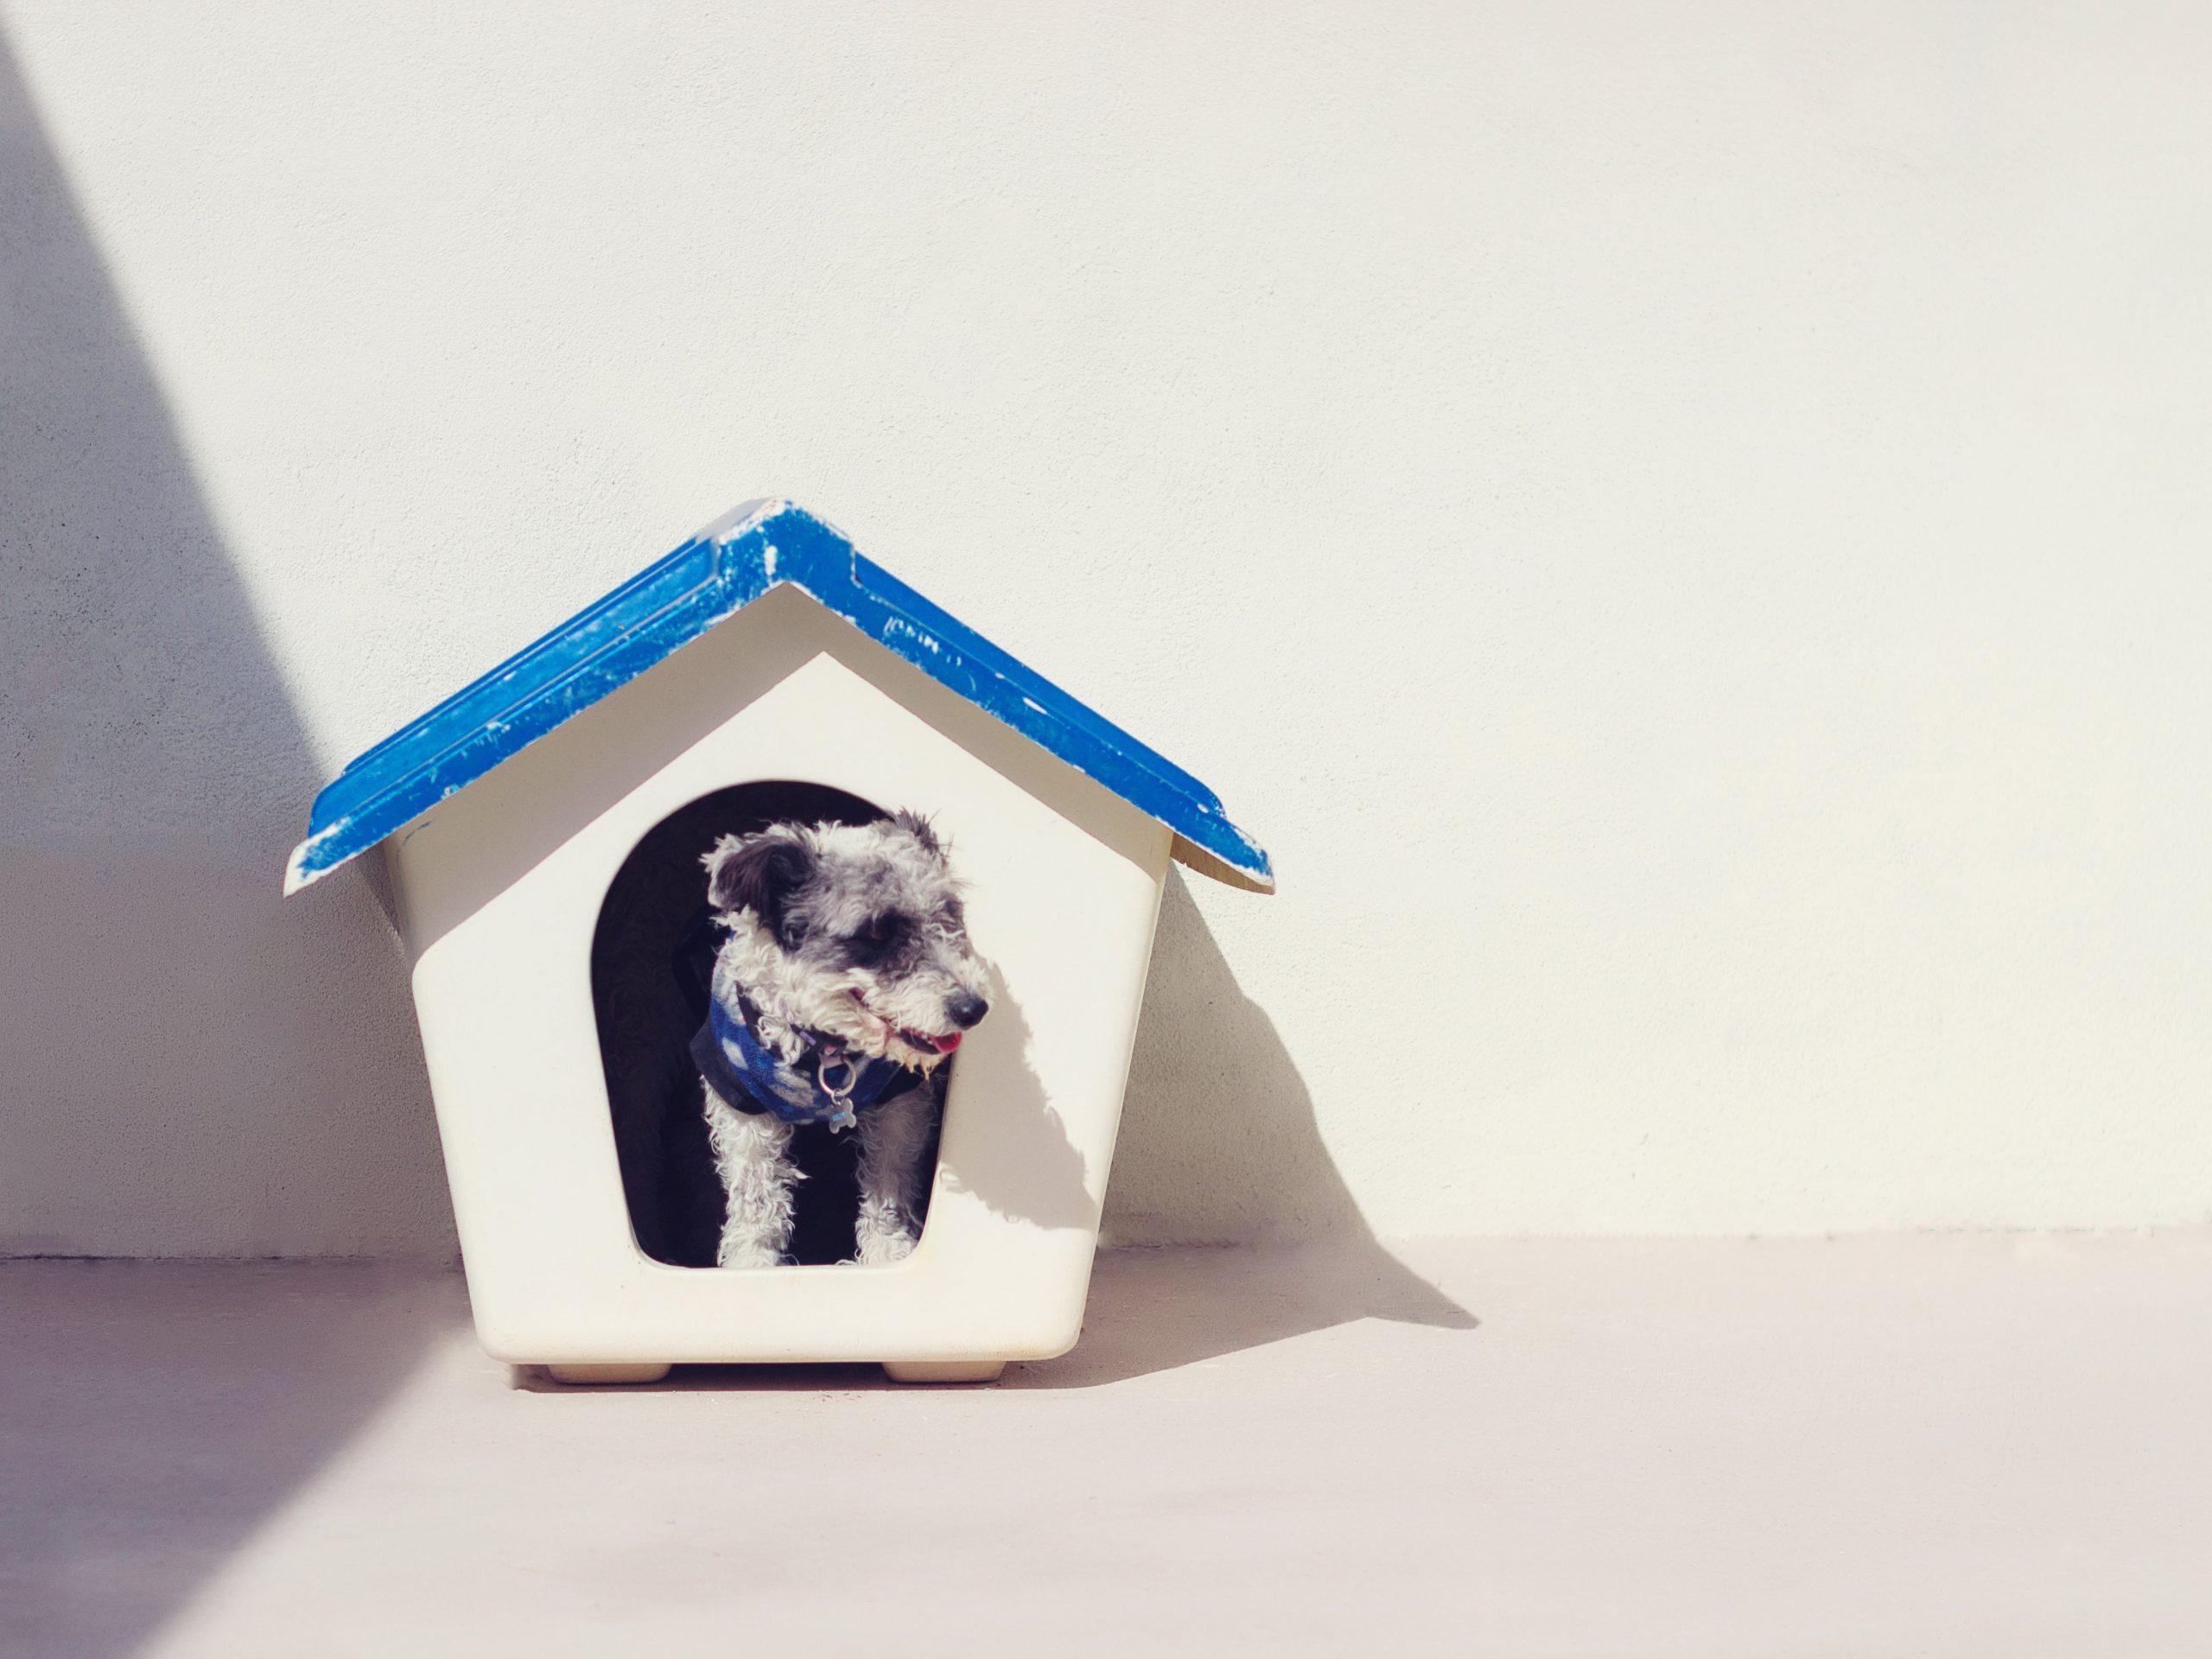 Il mio cane adulto ha iniziato a fare pipì dentro casa, perché?